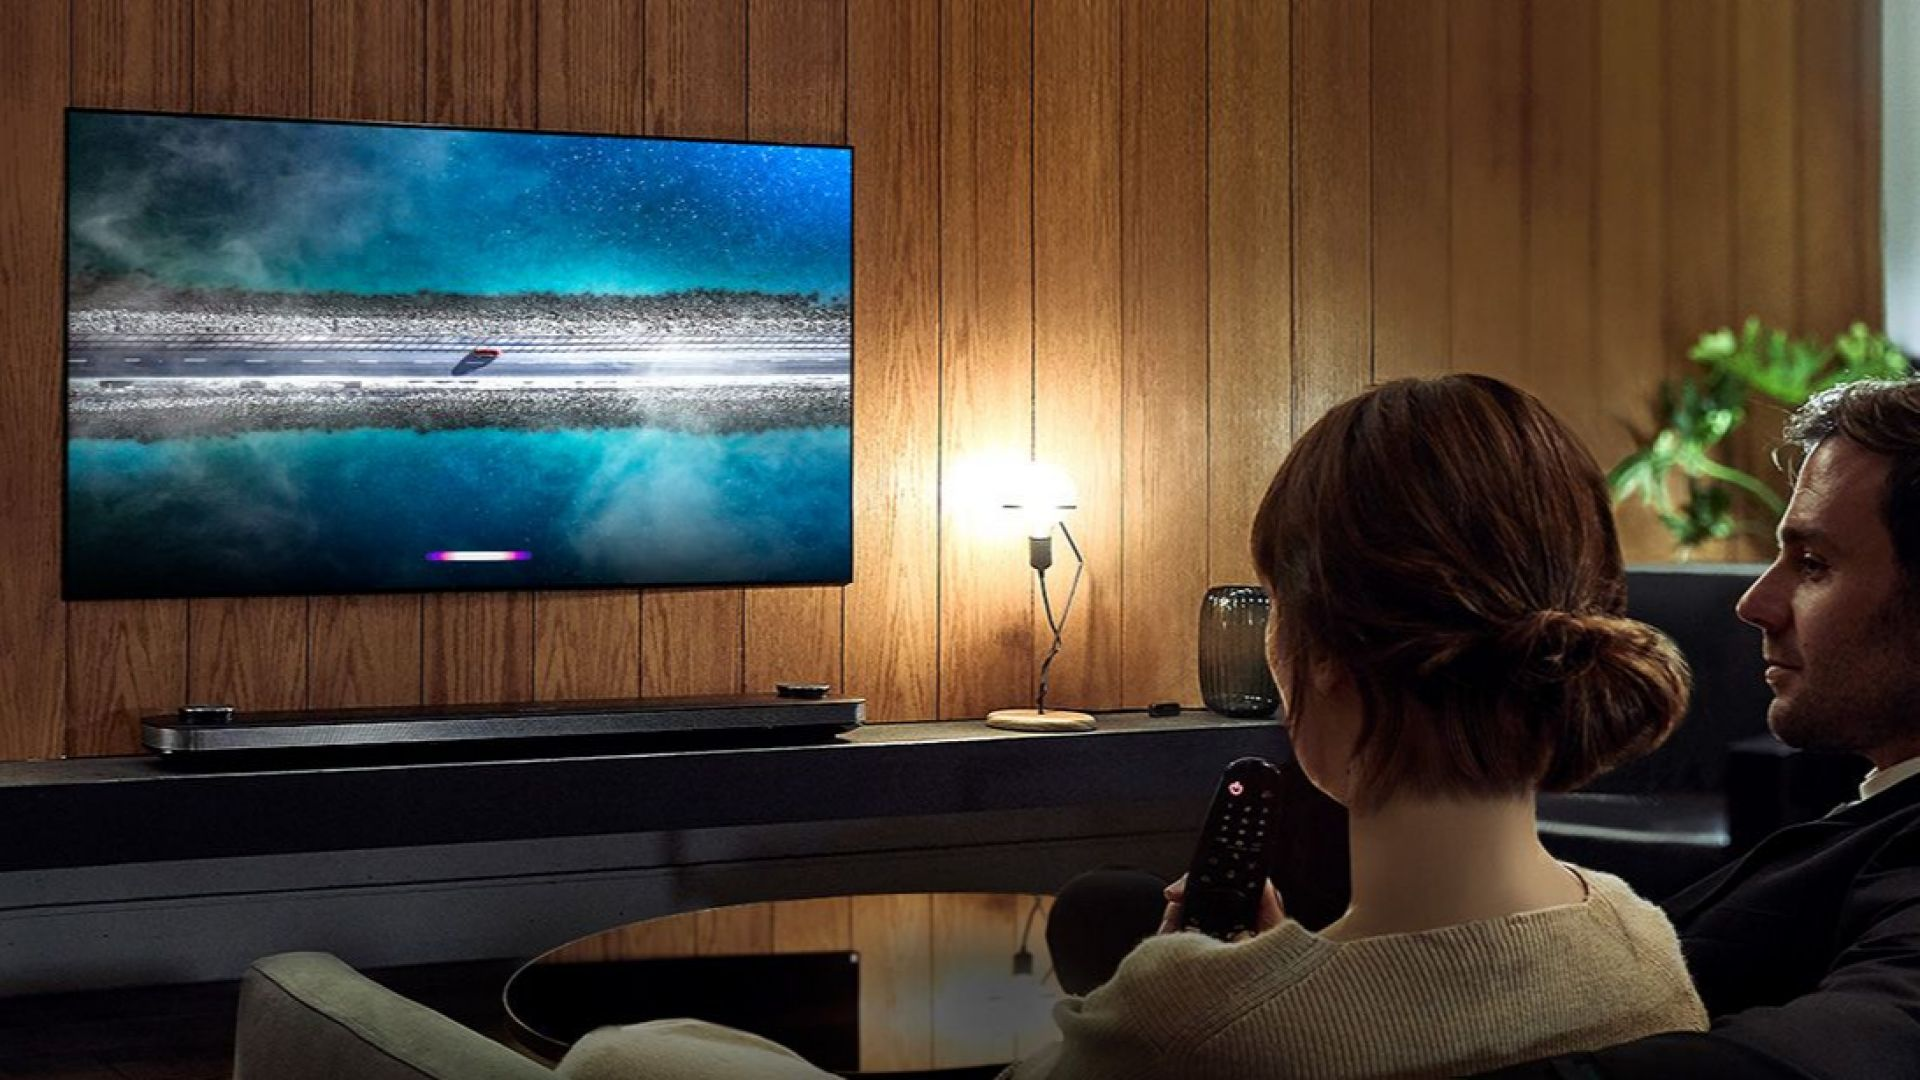 Домашното кино може да бъде не само приятно за мач, но и романтично преживяване